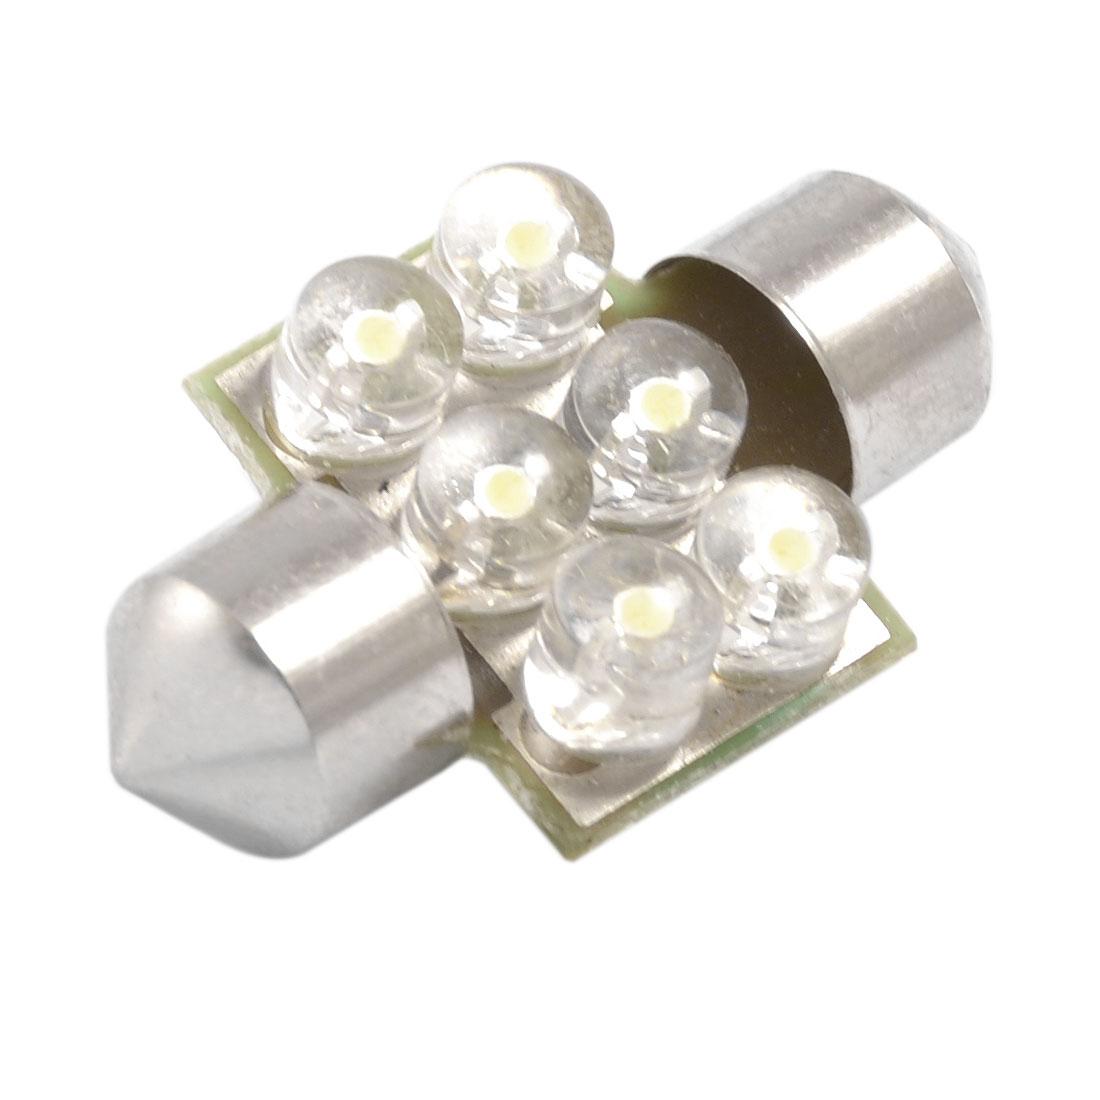 Car 31mm White 6 LED Festoon Dome Light Lamp DE3175 DE3022 LED Bulbs